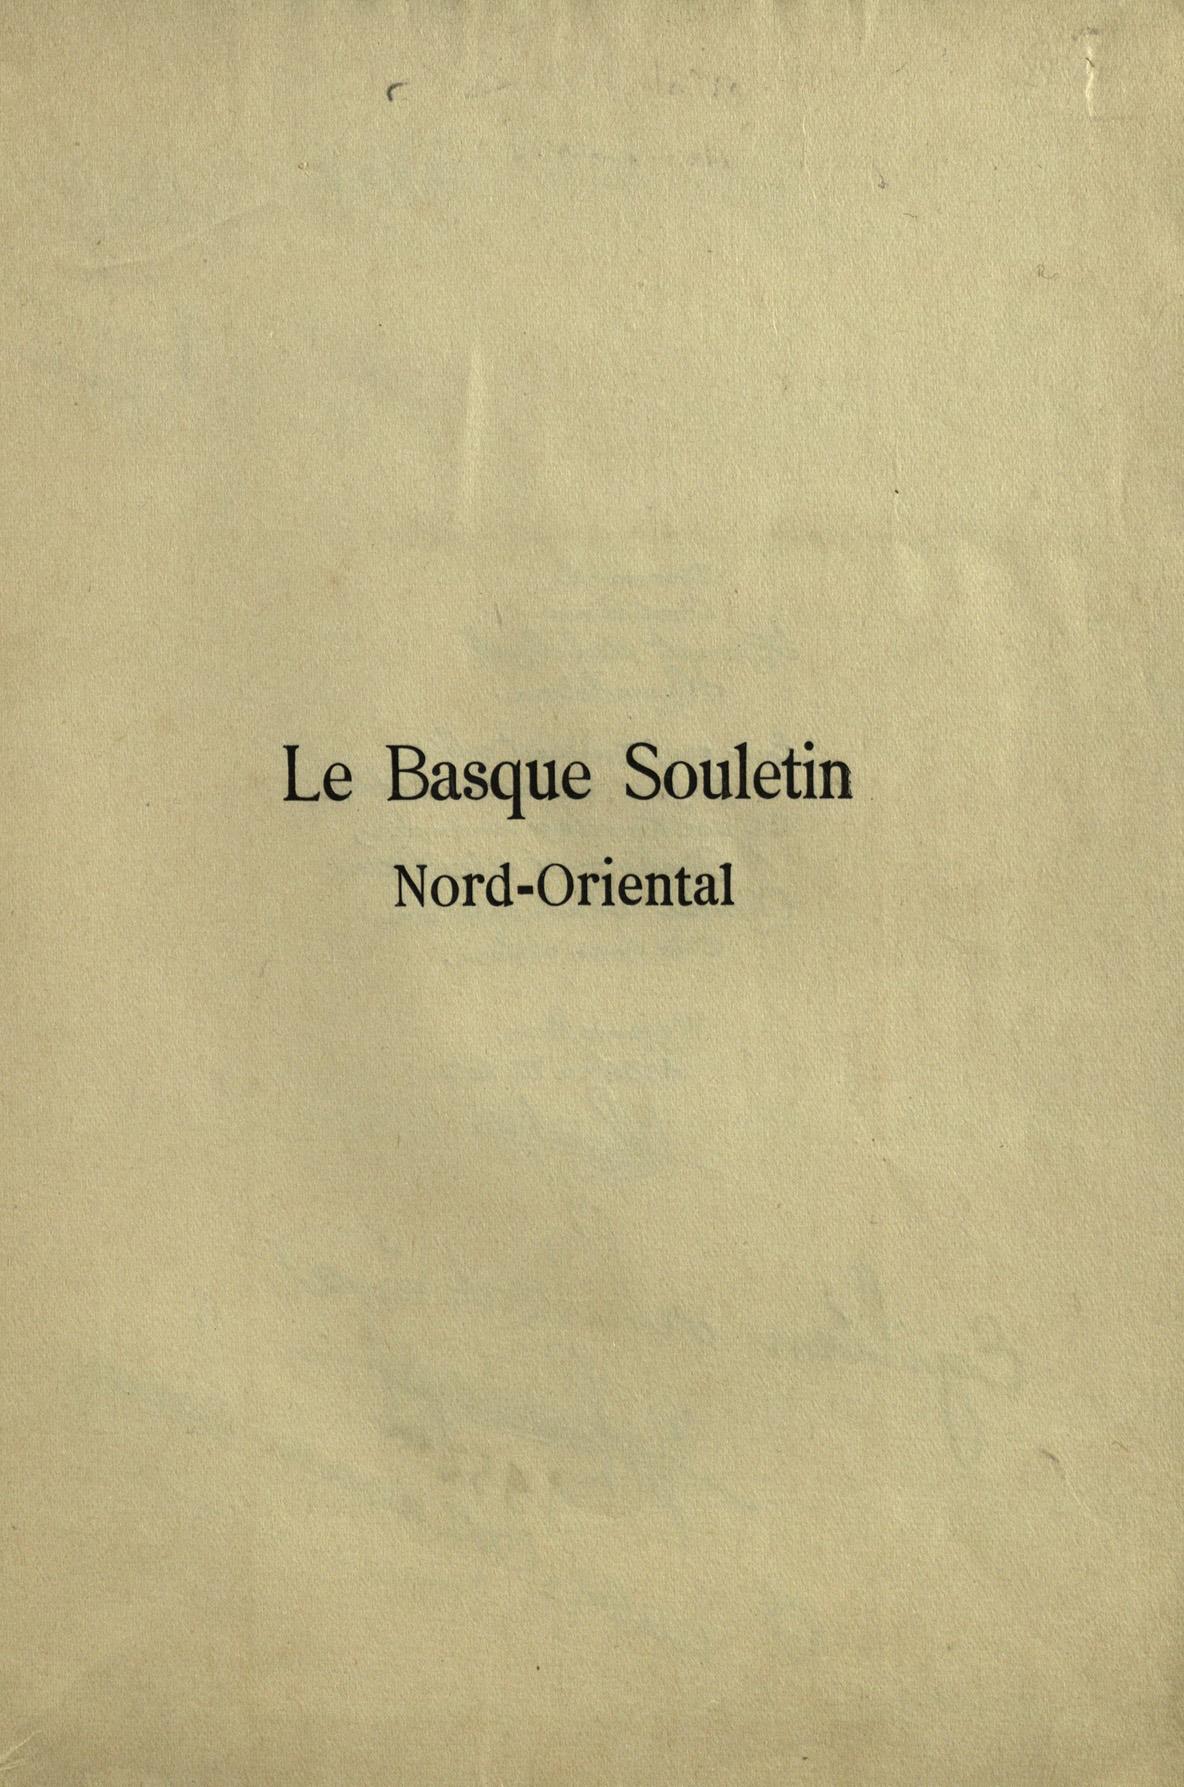 larrasquet jean le basque souletin